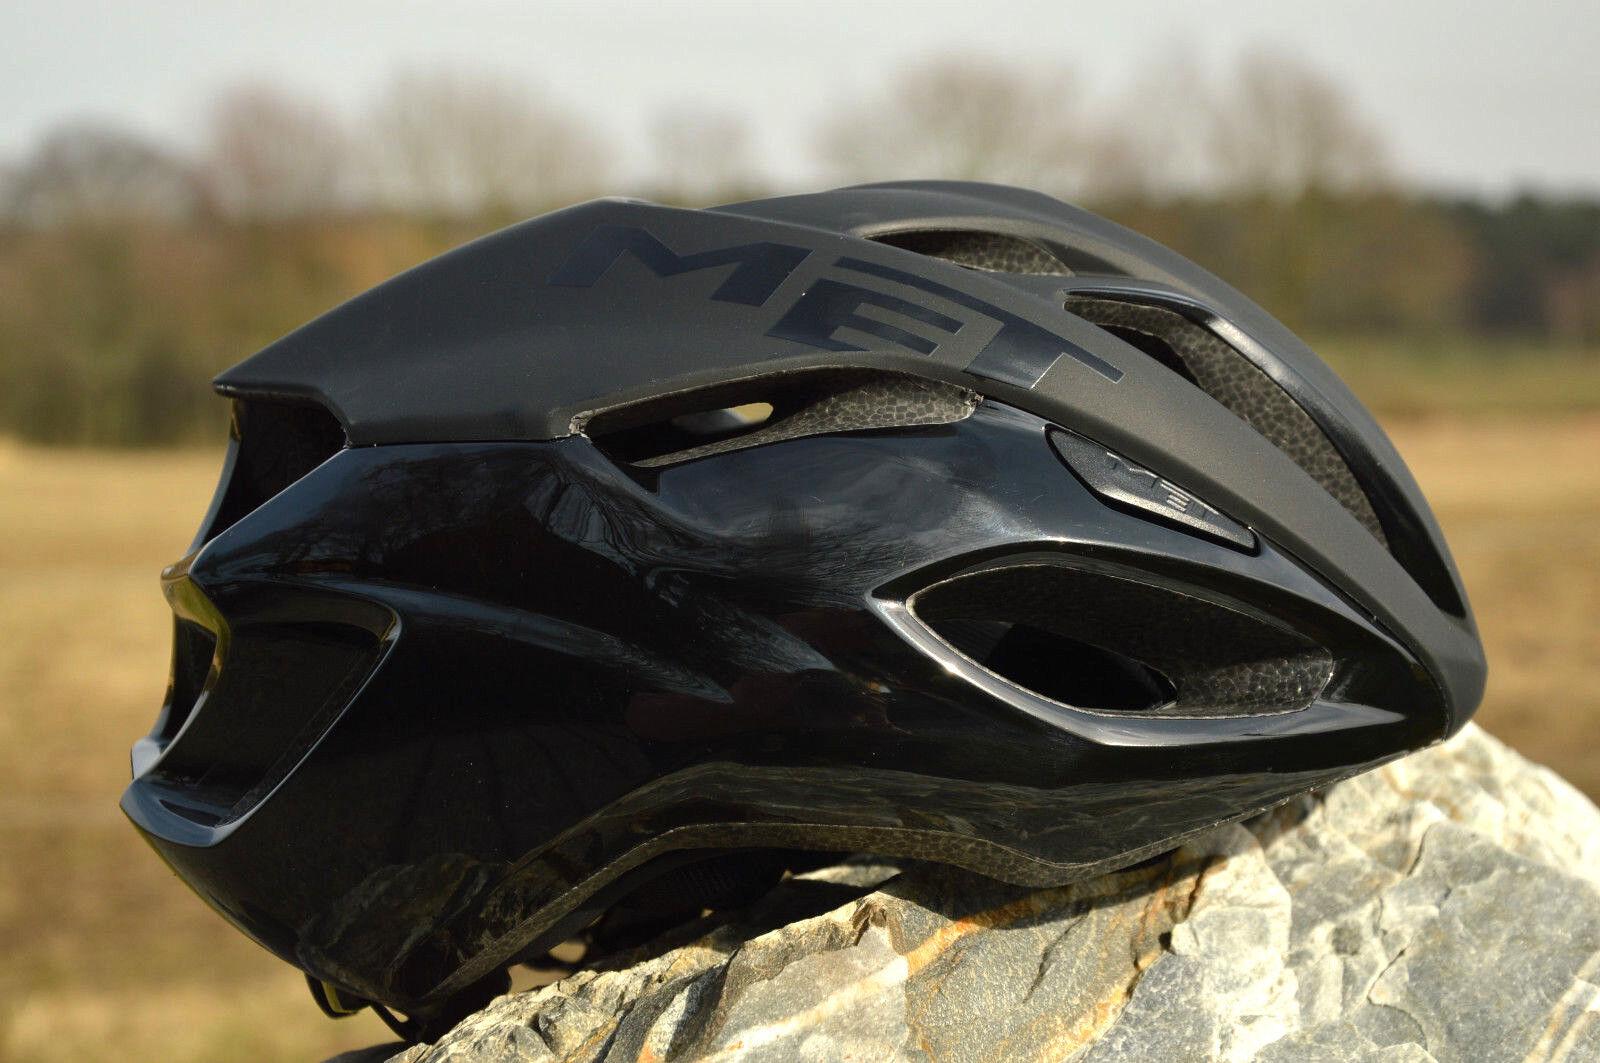 Met Rivale Elite Aero-Race-Helm, Racing Bike Helmet 230-250g